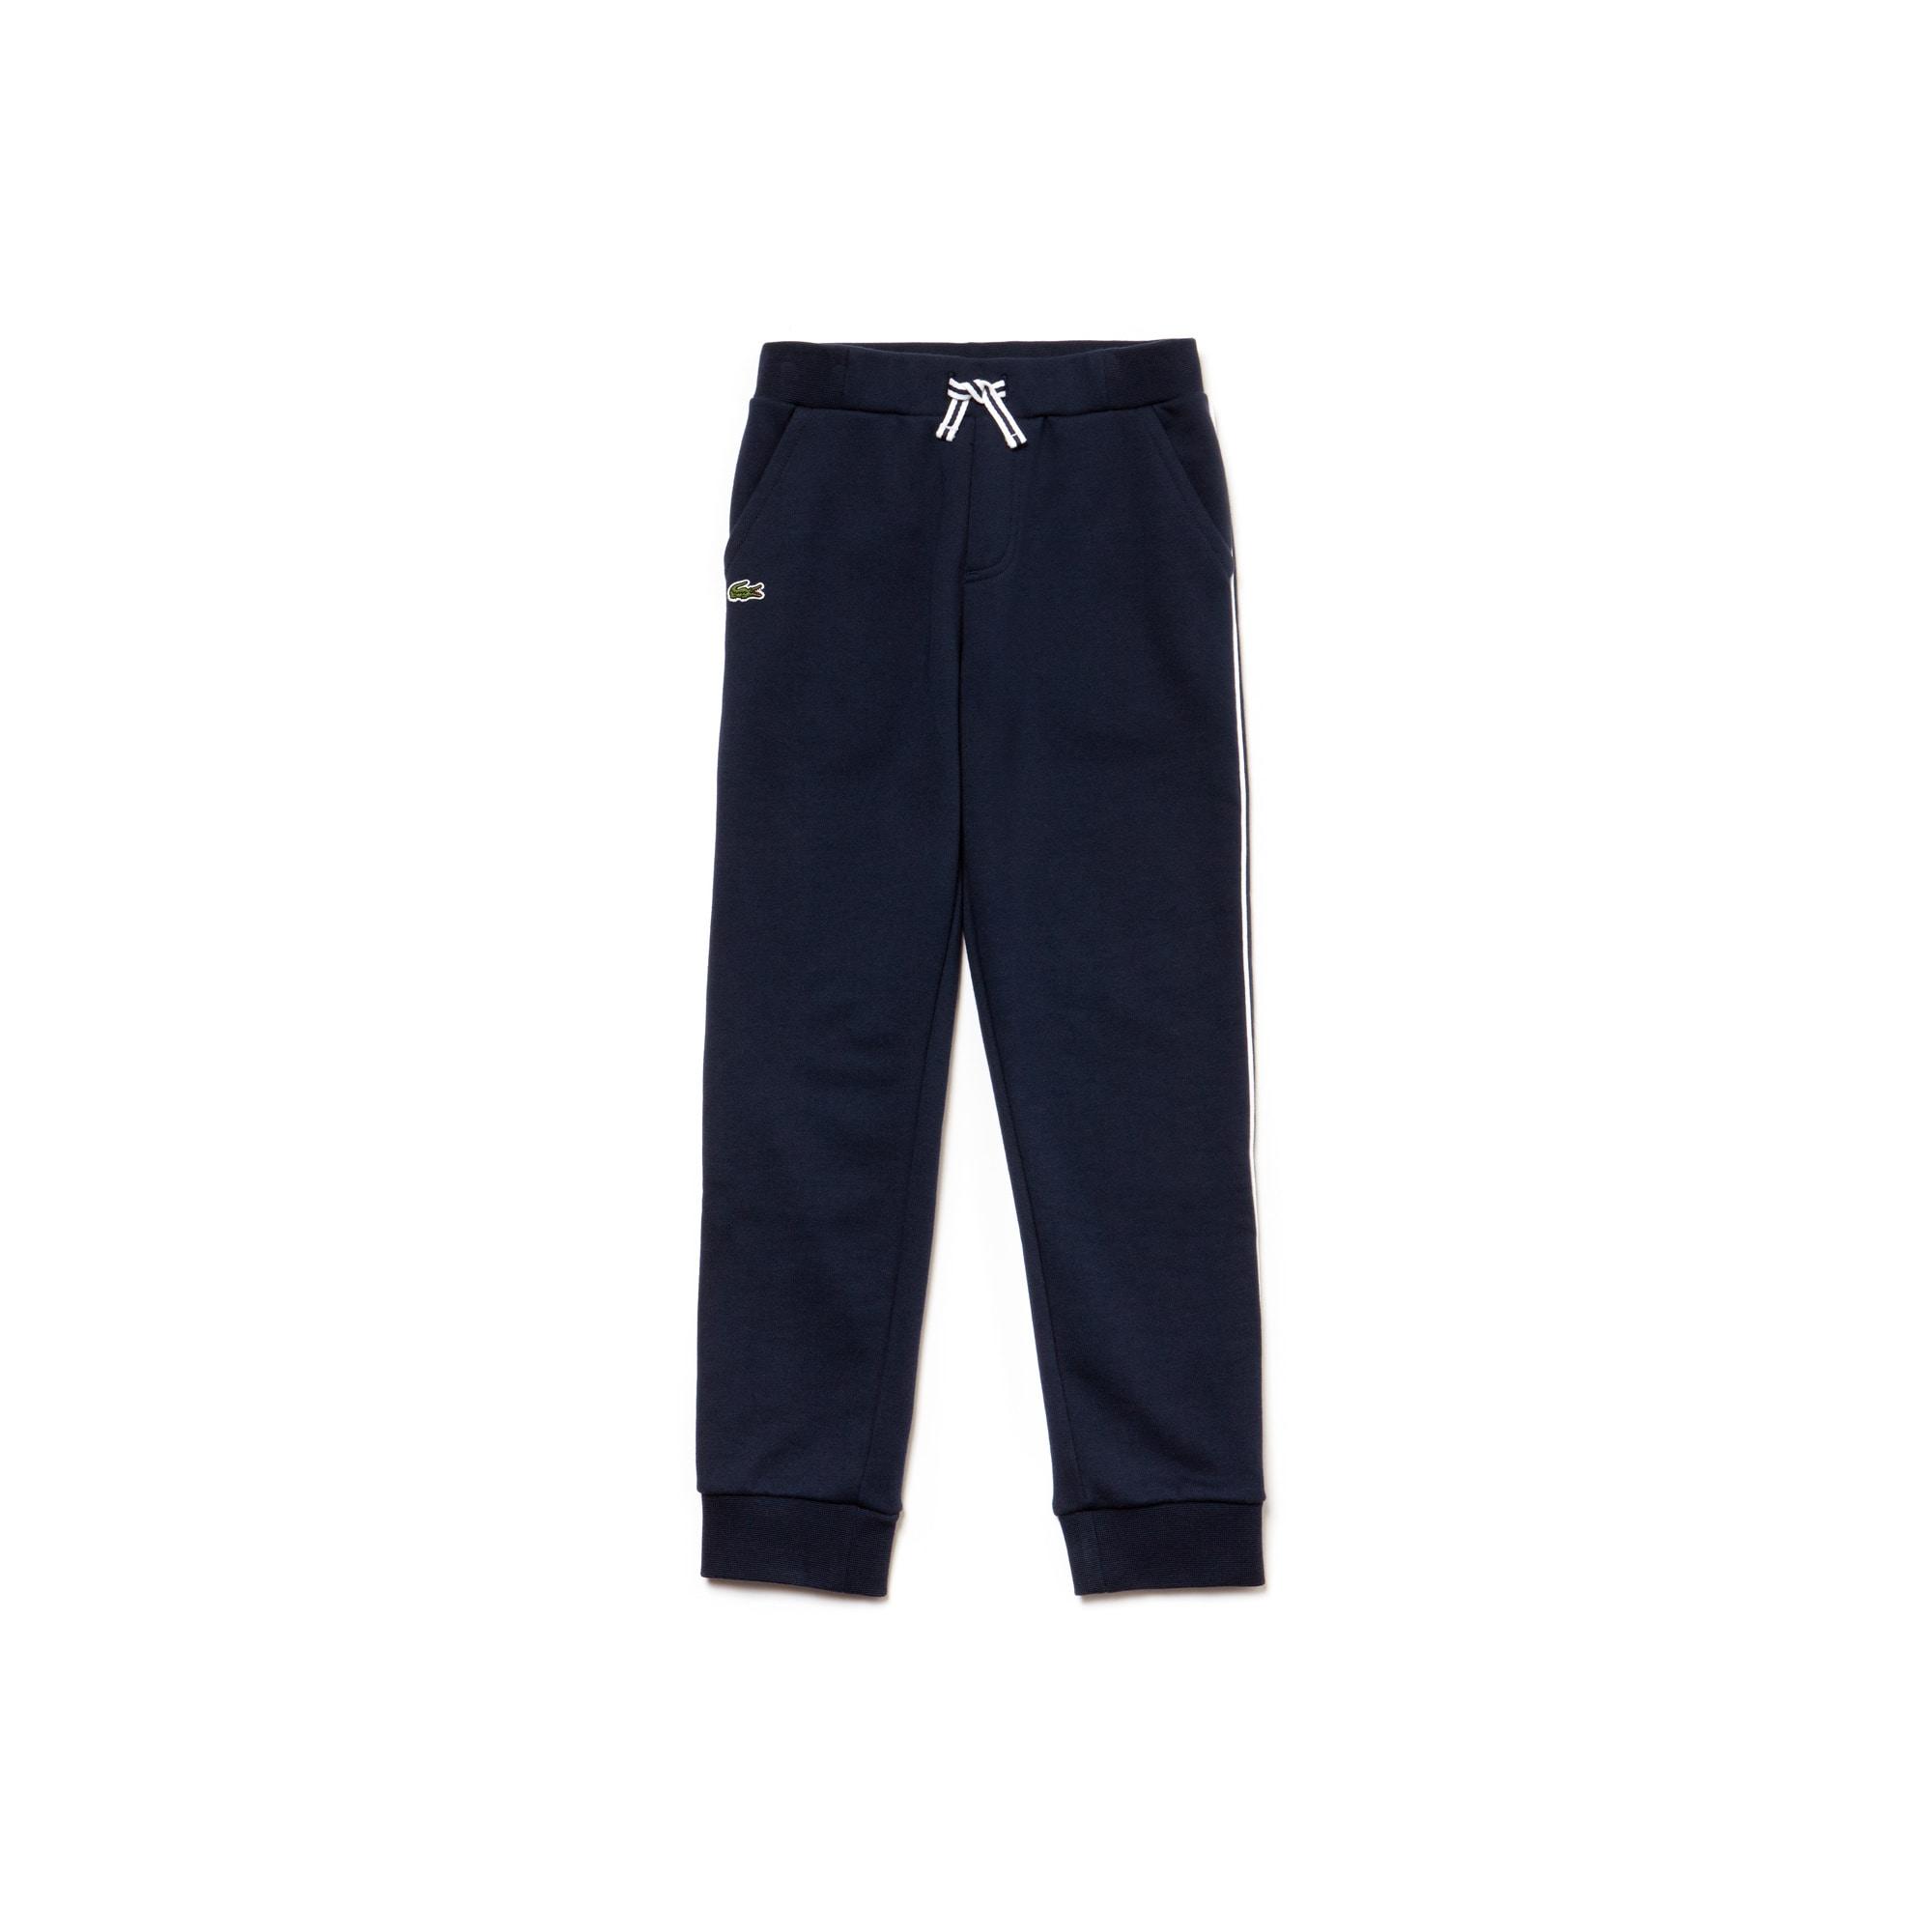 Pantalón de chándal de niño de muletón con franjas contrastantes